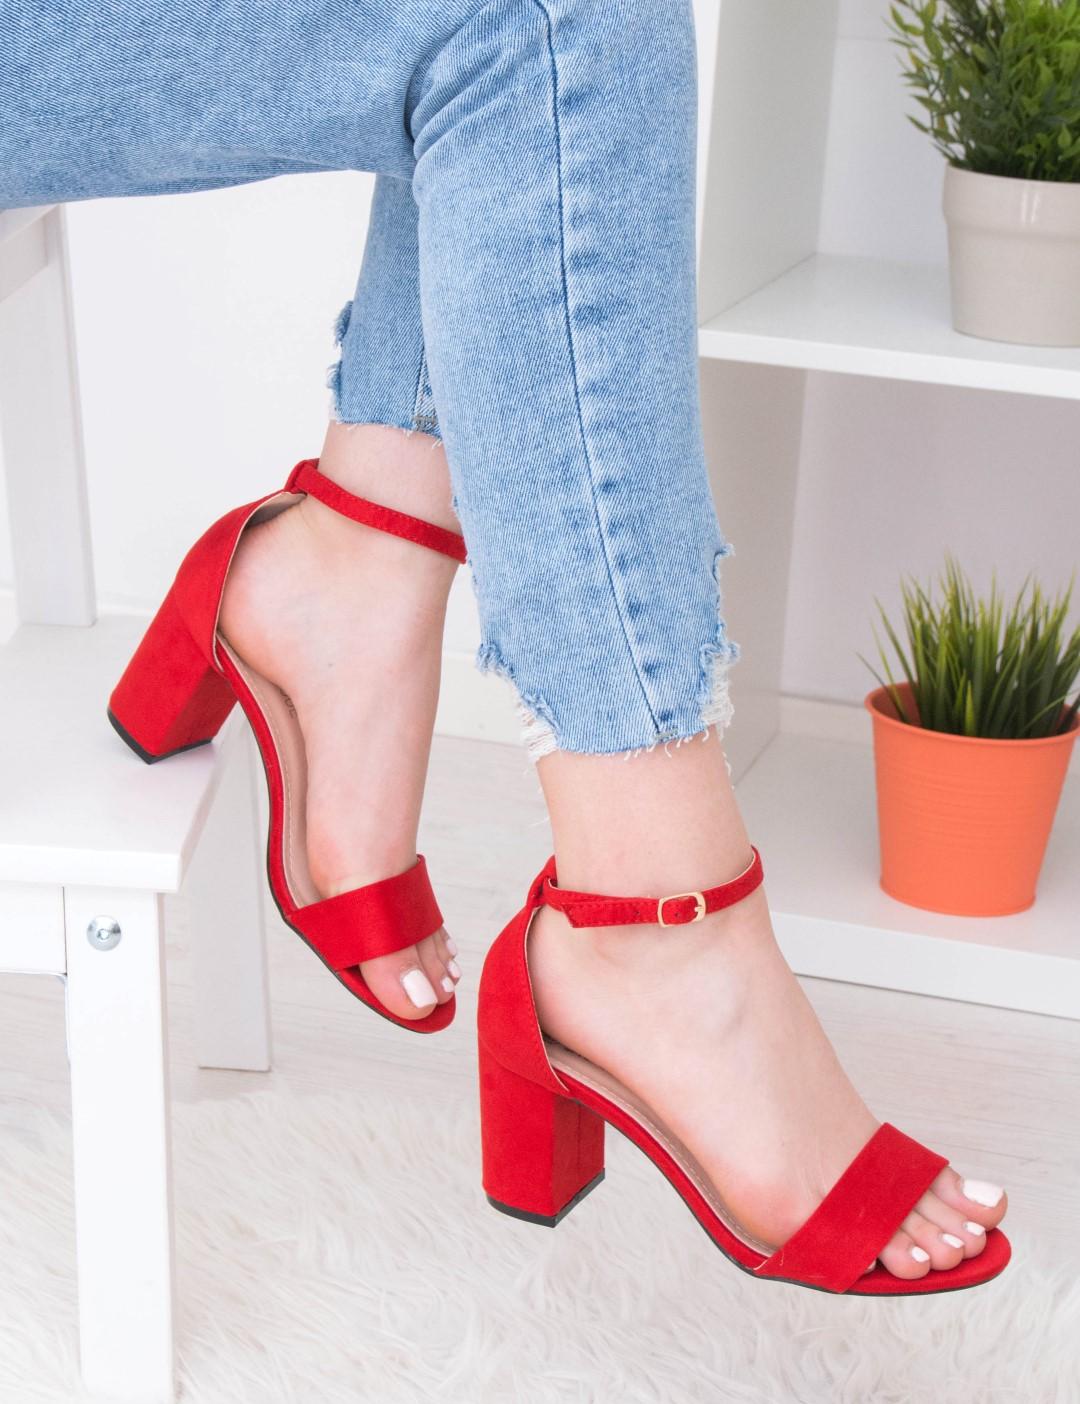 7afced61b21 Γυναικεία κόκκινα σουέντ πέδιλα PeepToe ανοίγματα 17636R | Fashion ...